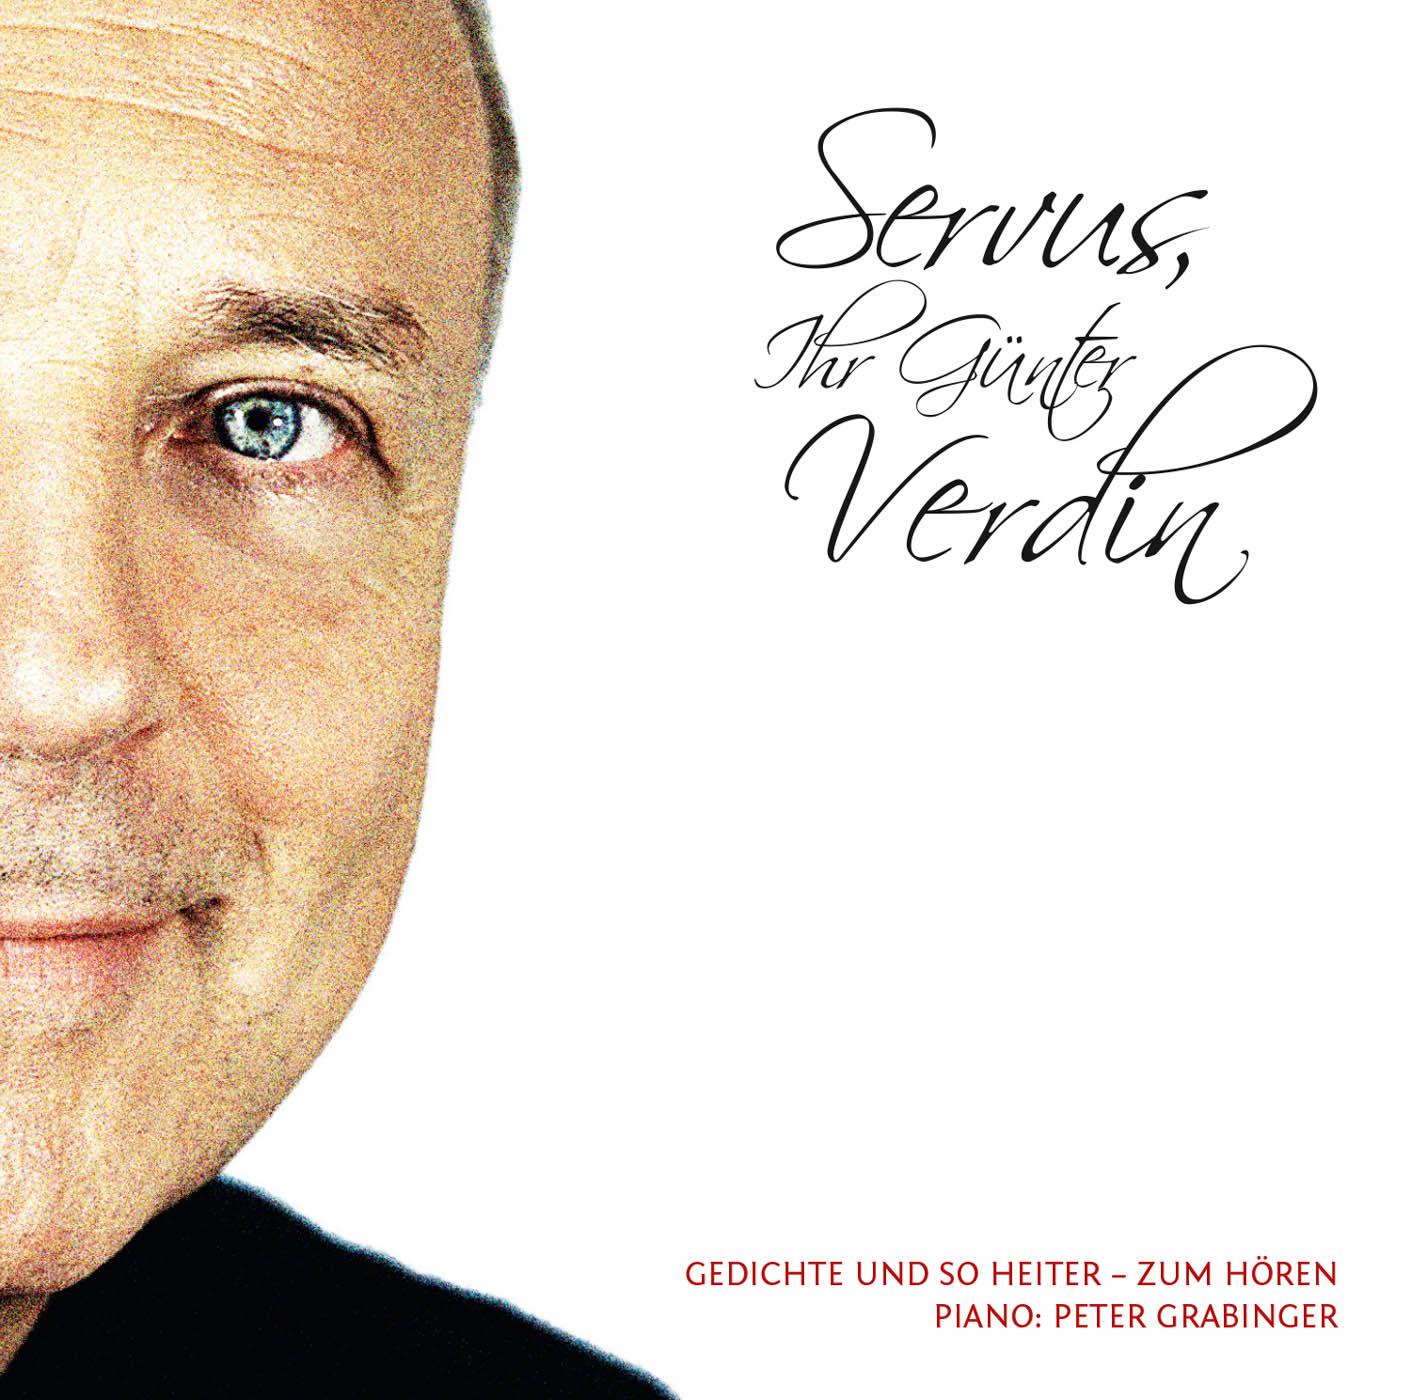 Servus-Ihr-Günter-Verdin.jpg